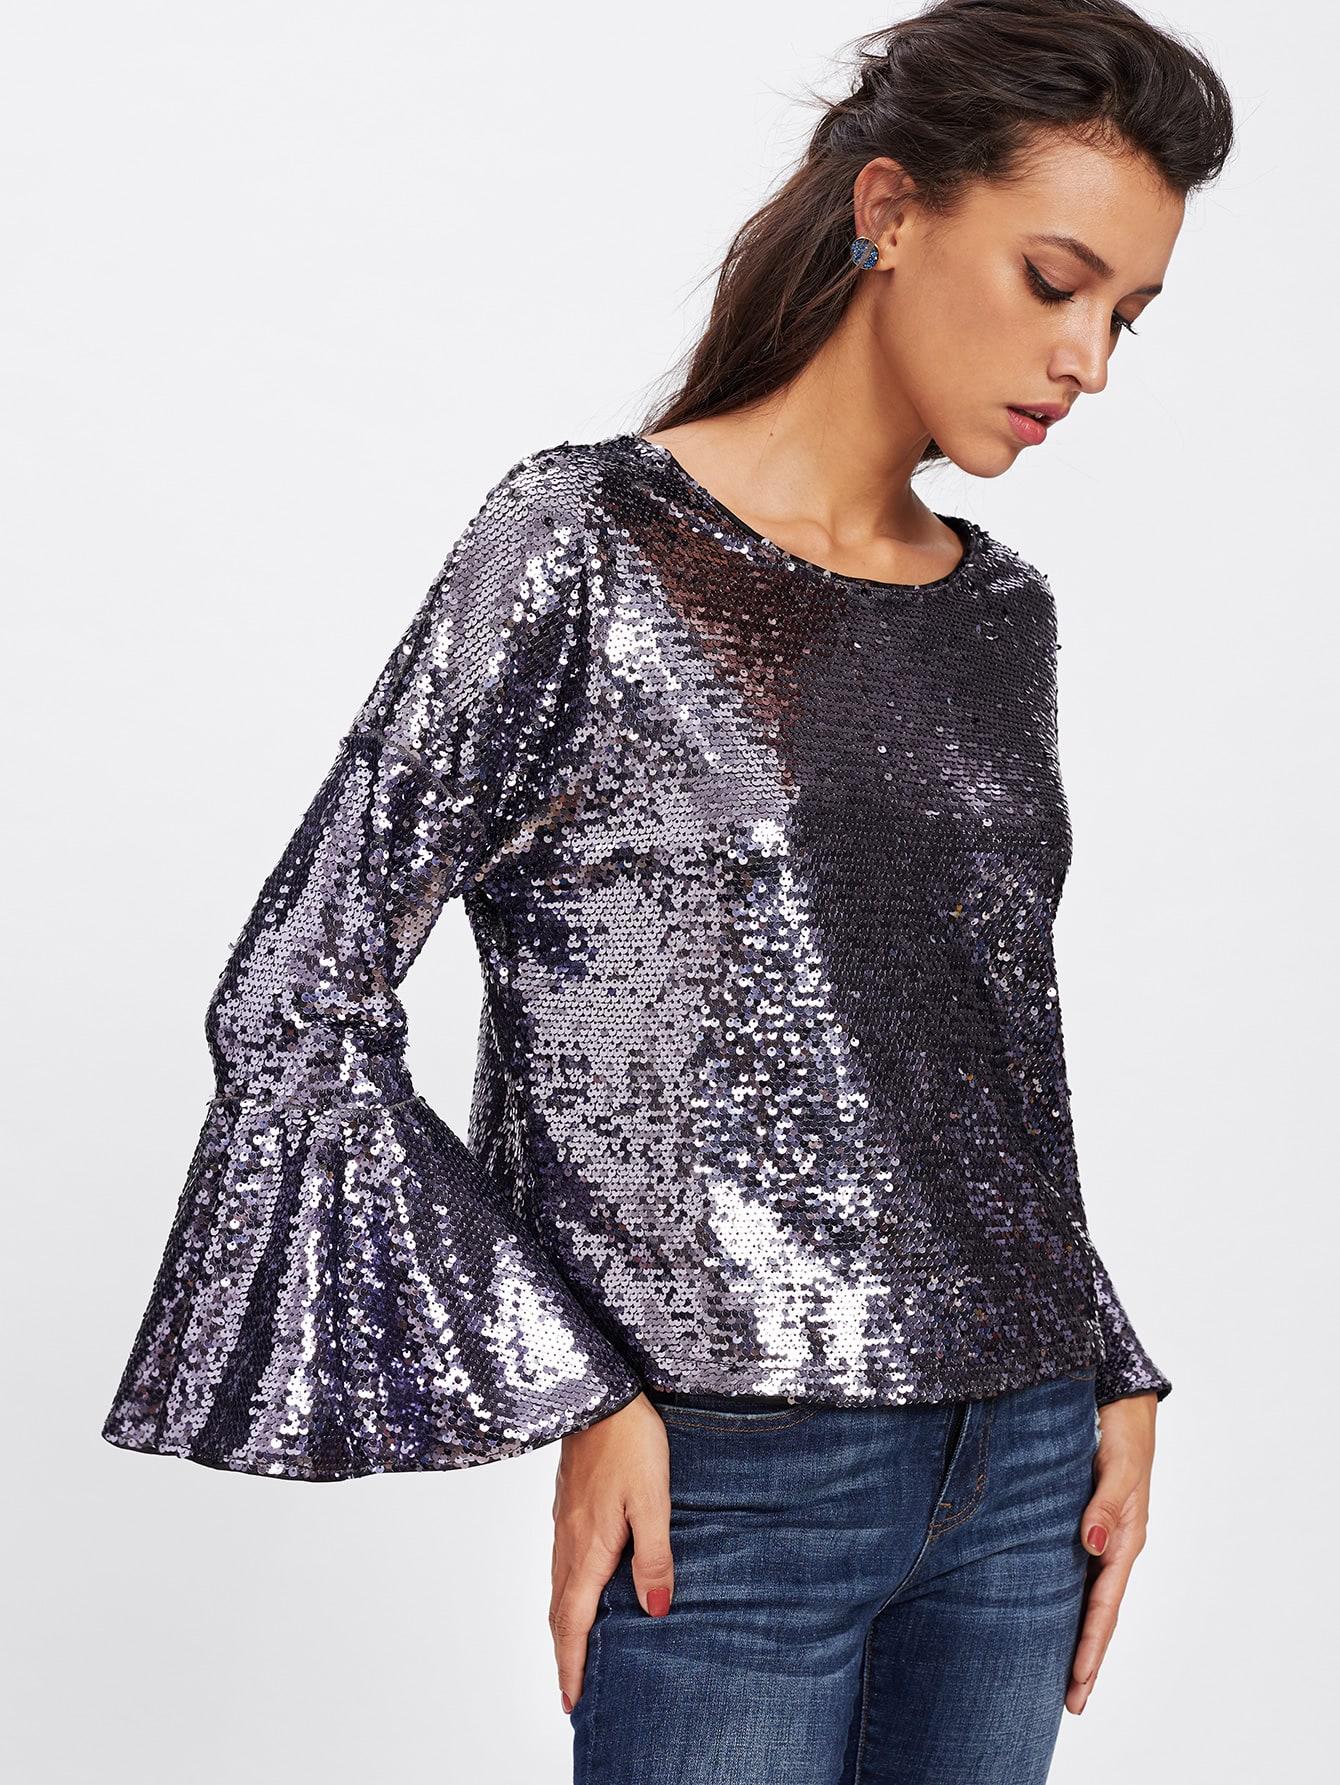 Drop Shoulder Trumpet Cuff Sequin Blouse blouse171031702